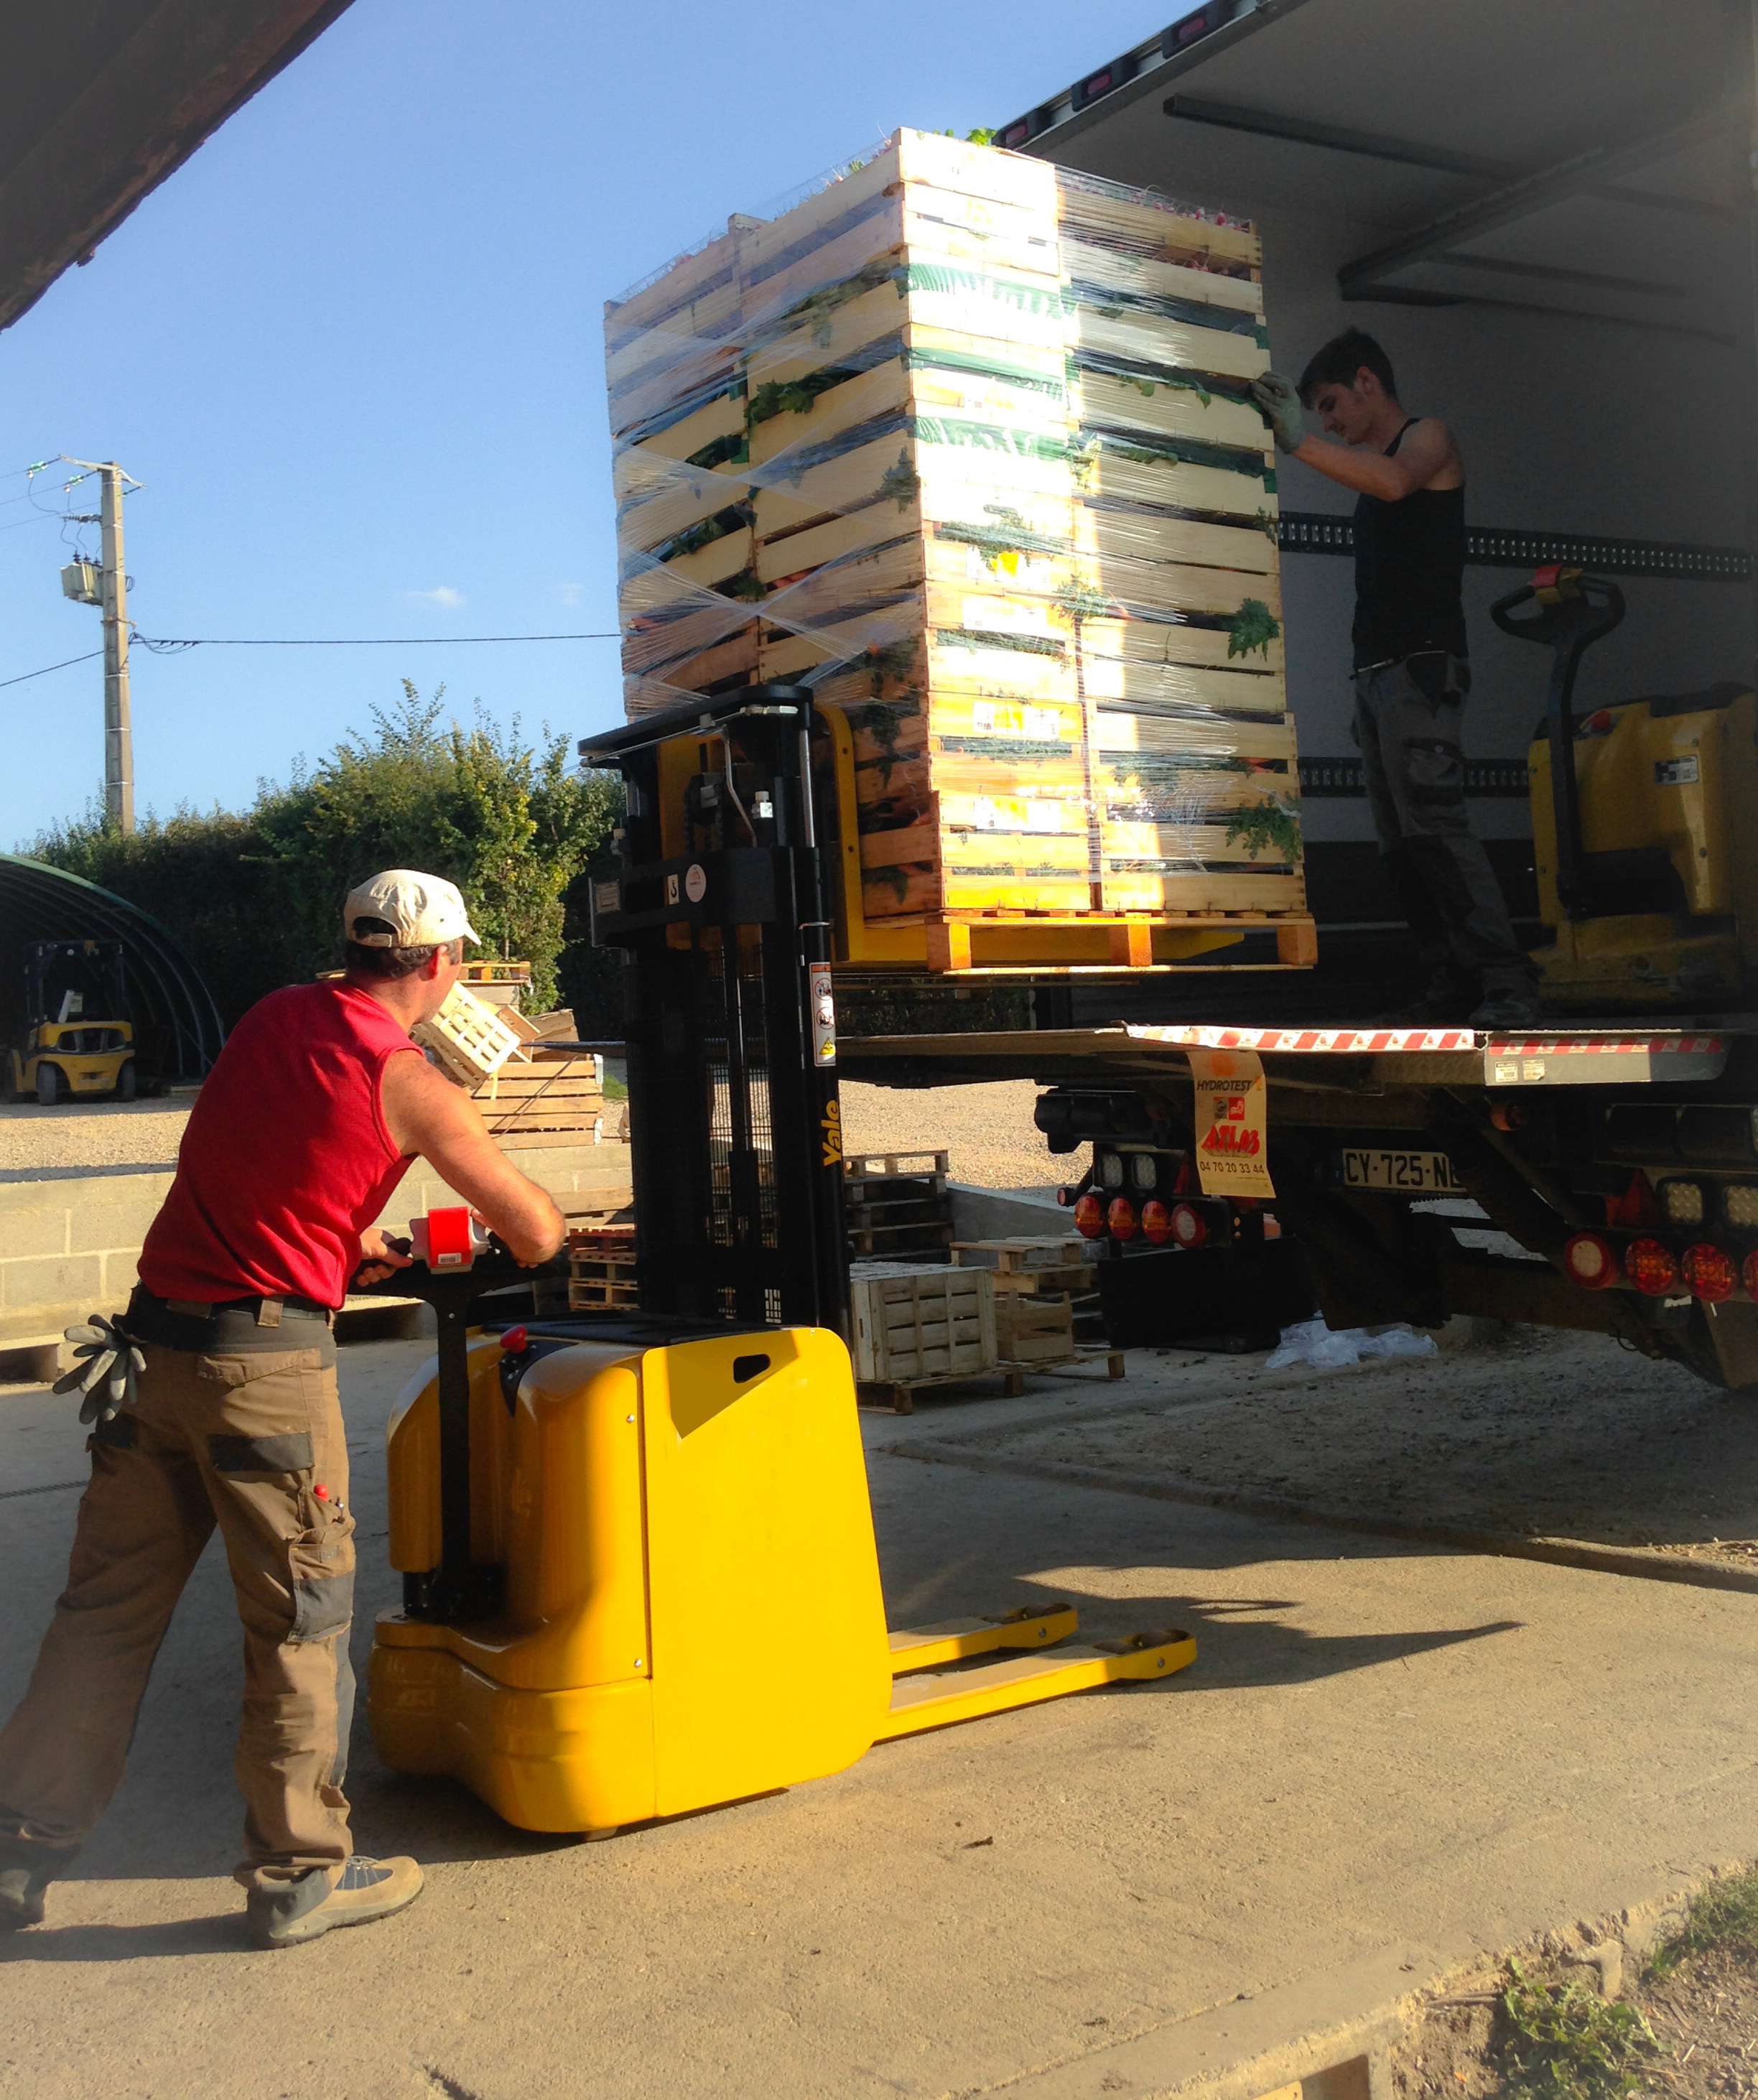 Chargement du camion à la ferme